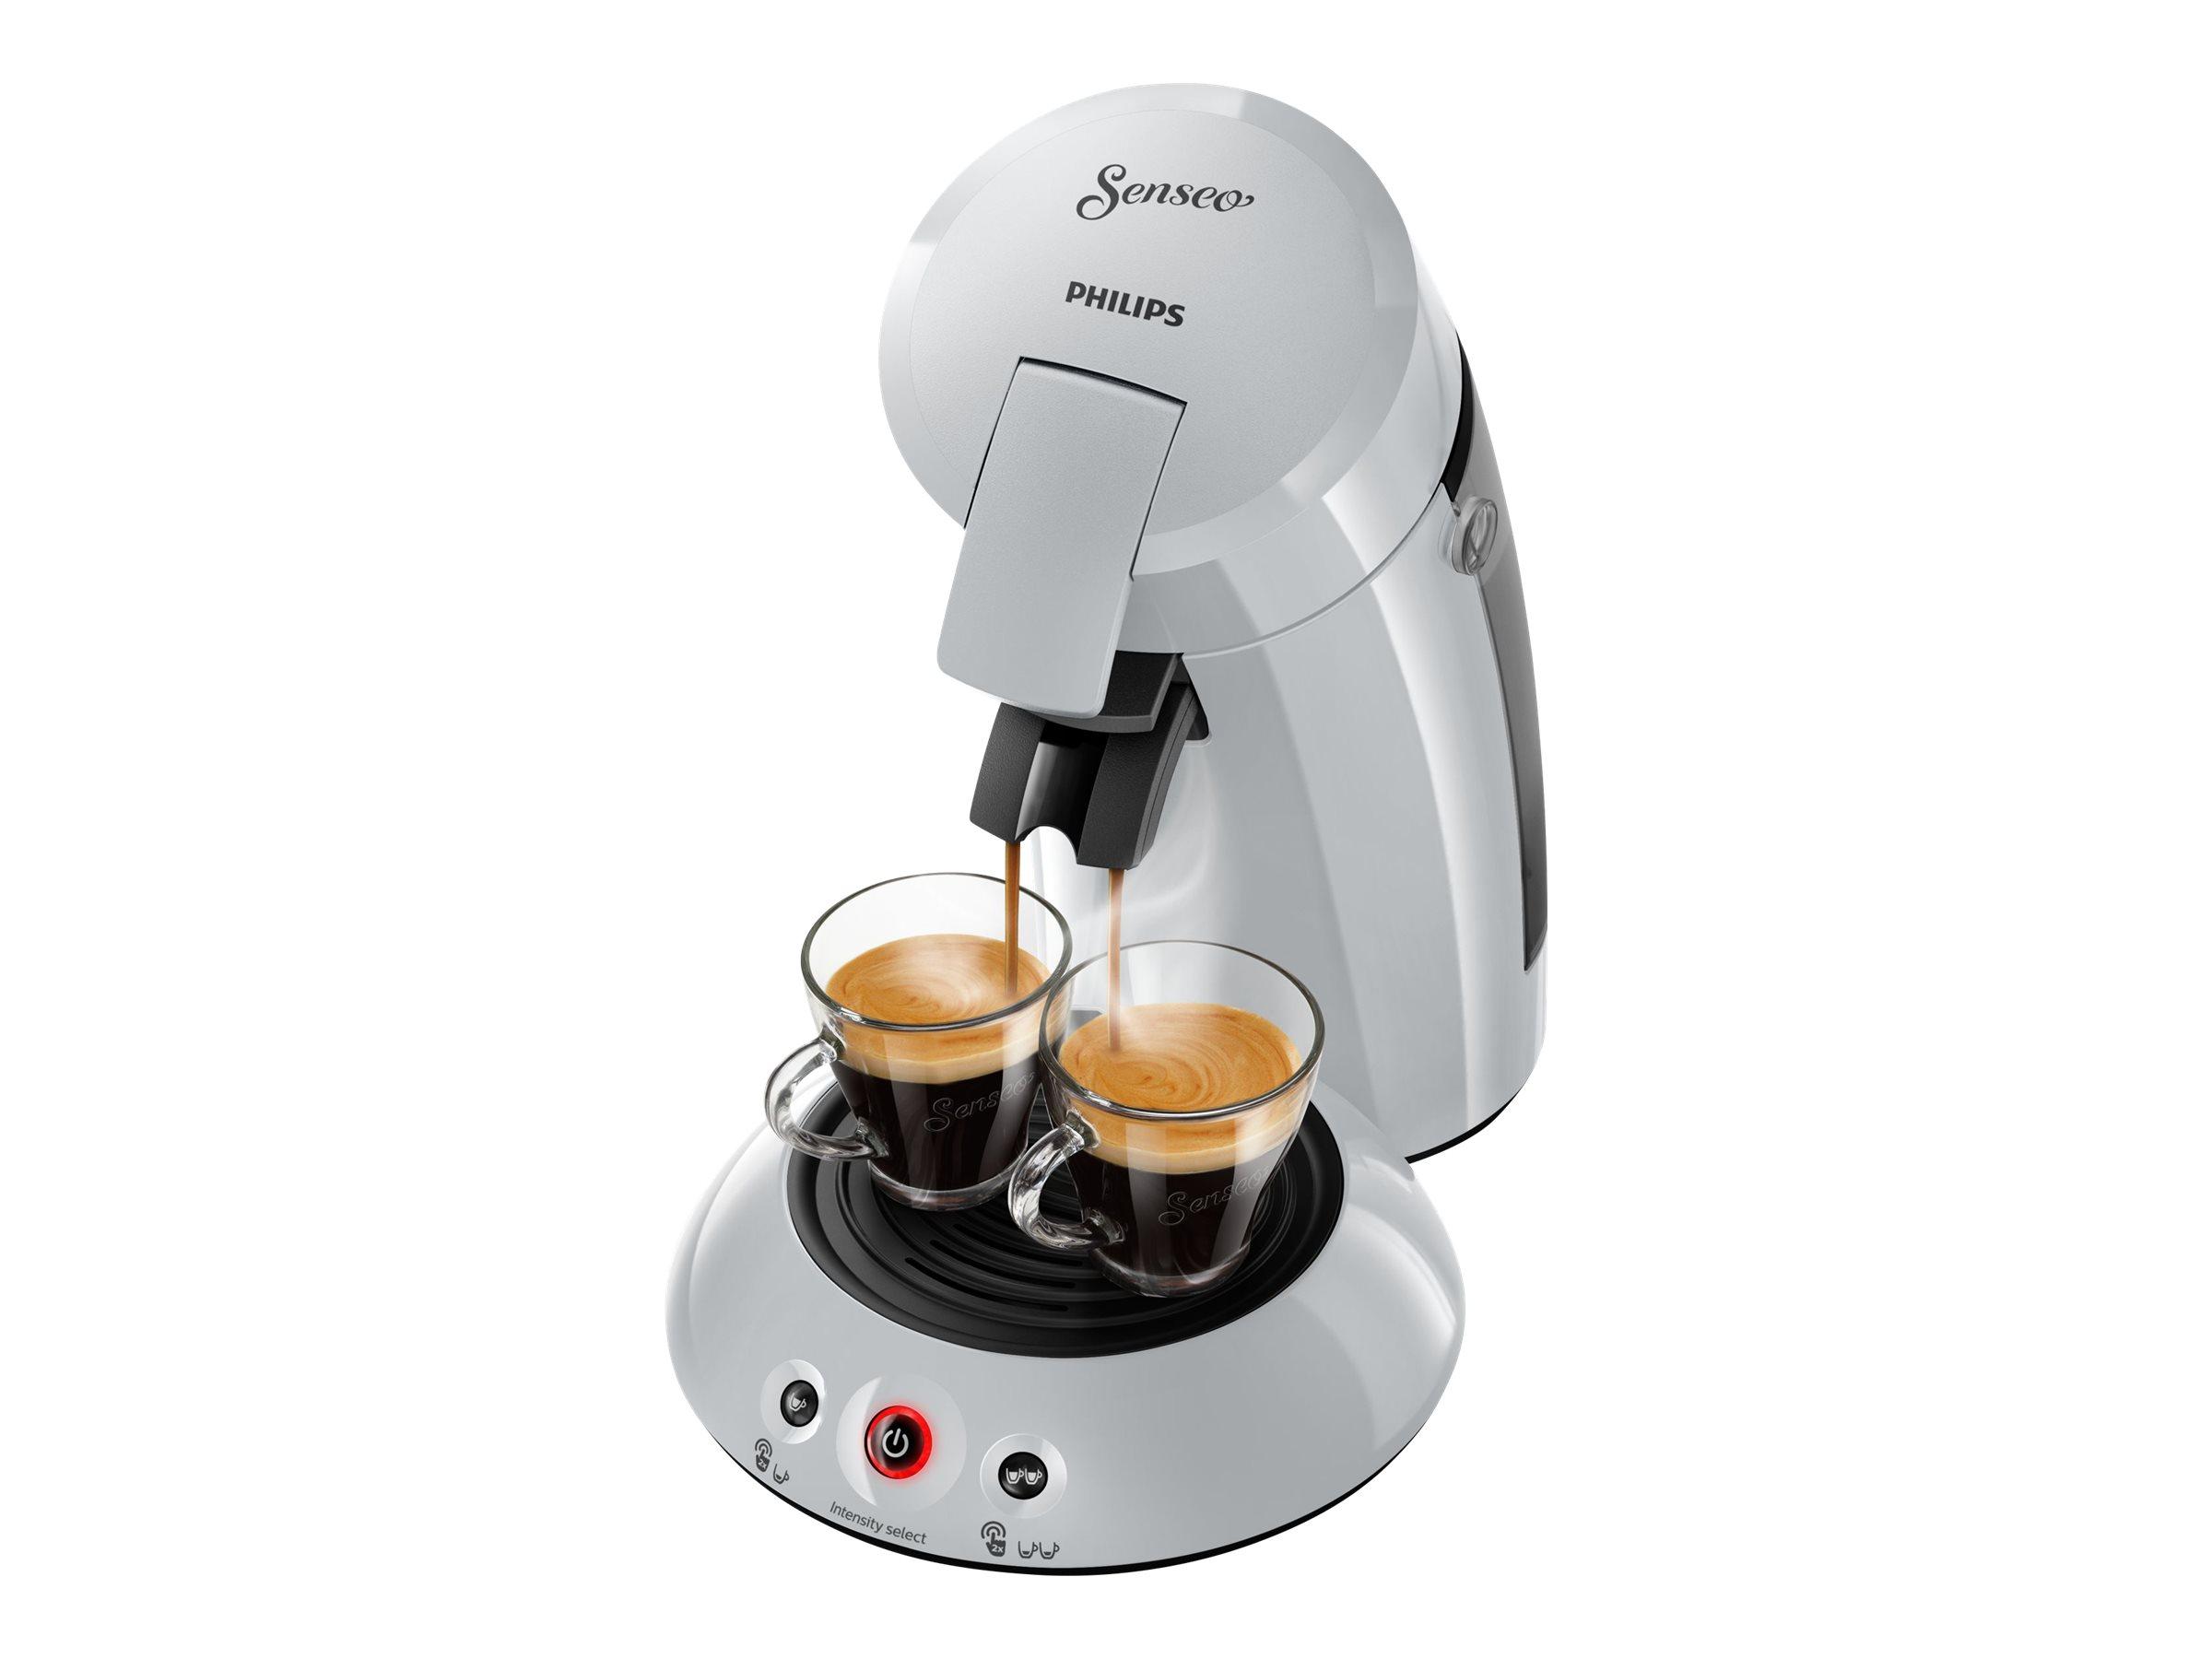 Cafetiere A Dosettes Philips Senseo Original Hd6554 11 Au Meilleur Prix E Leclerc